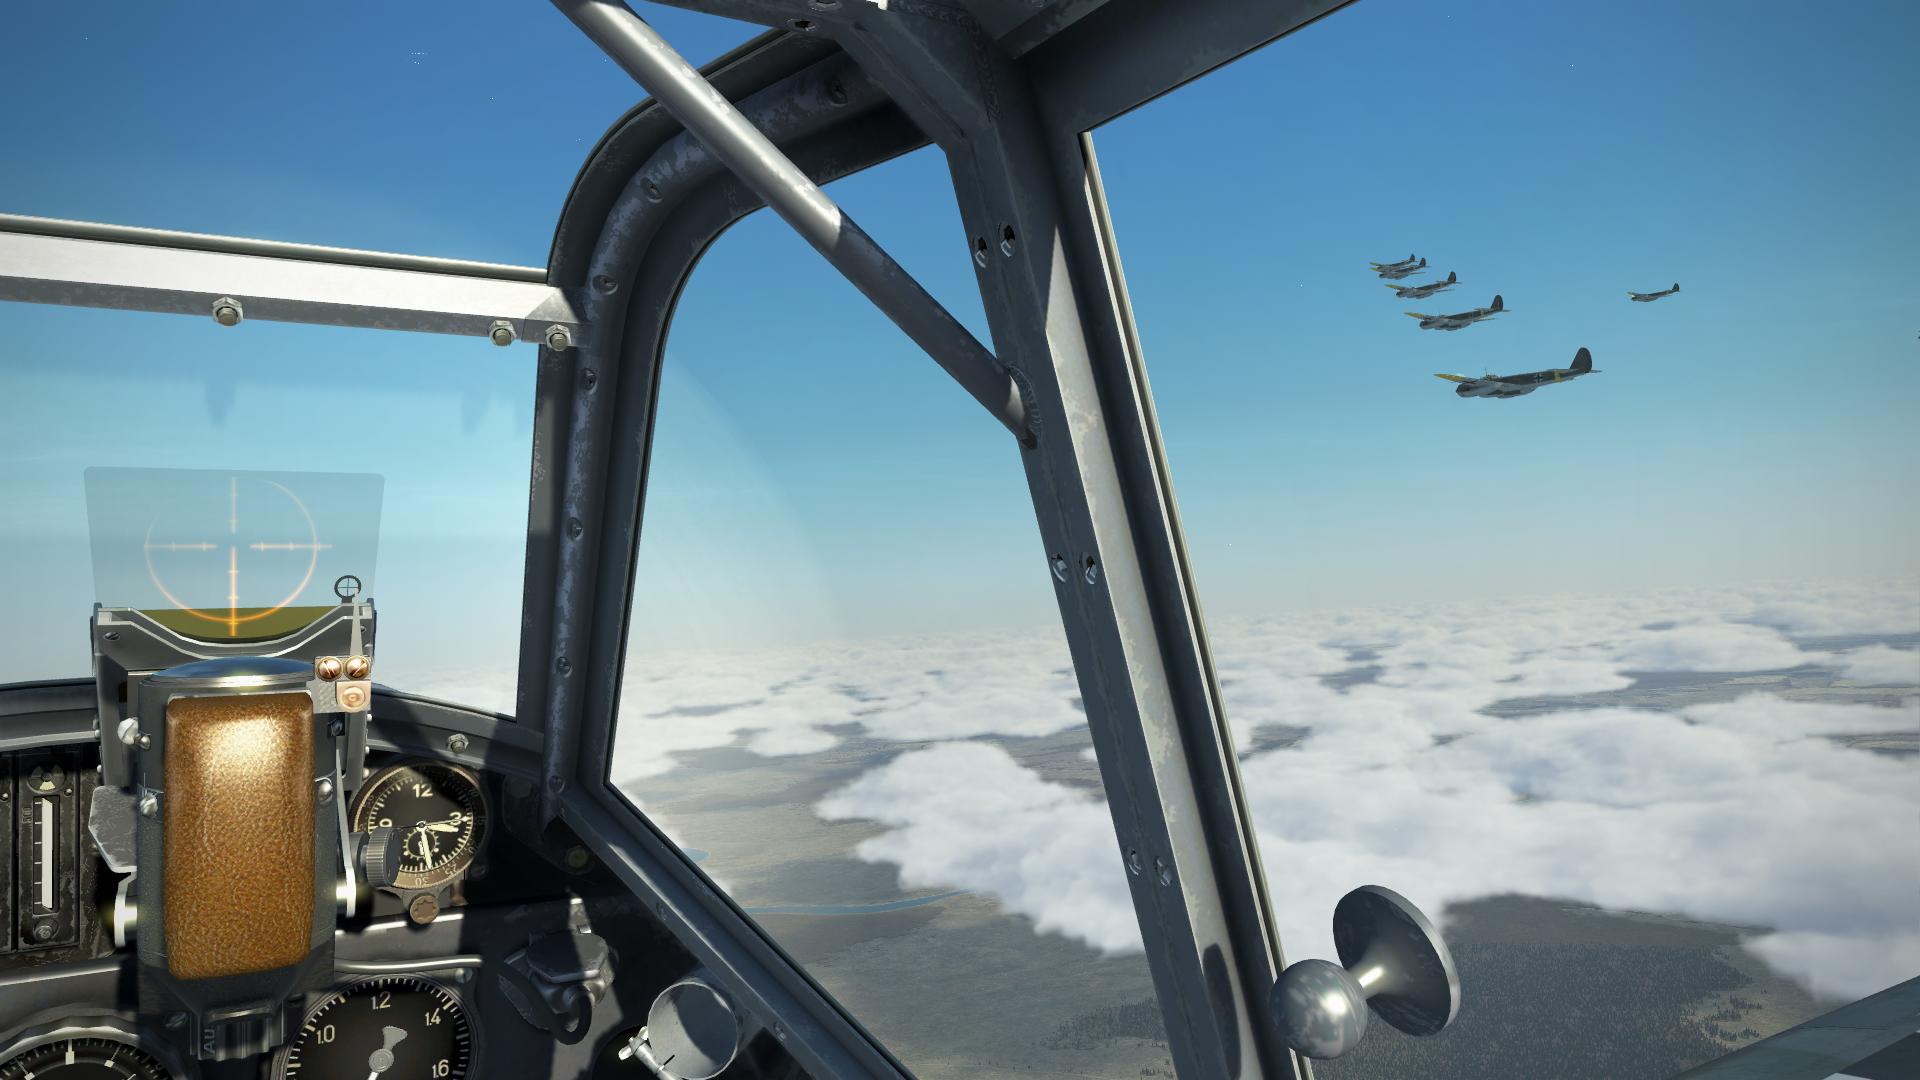 IL-2 Sturmovik Battle of Stalingrad Screenshot 2020.03.22 - 19.57.13.75.png